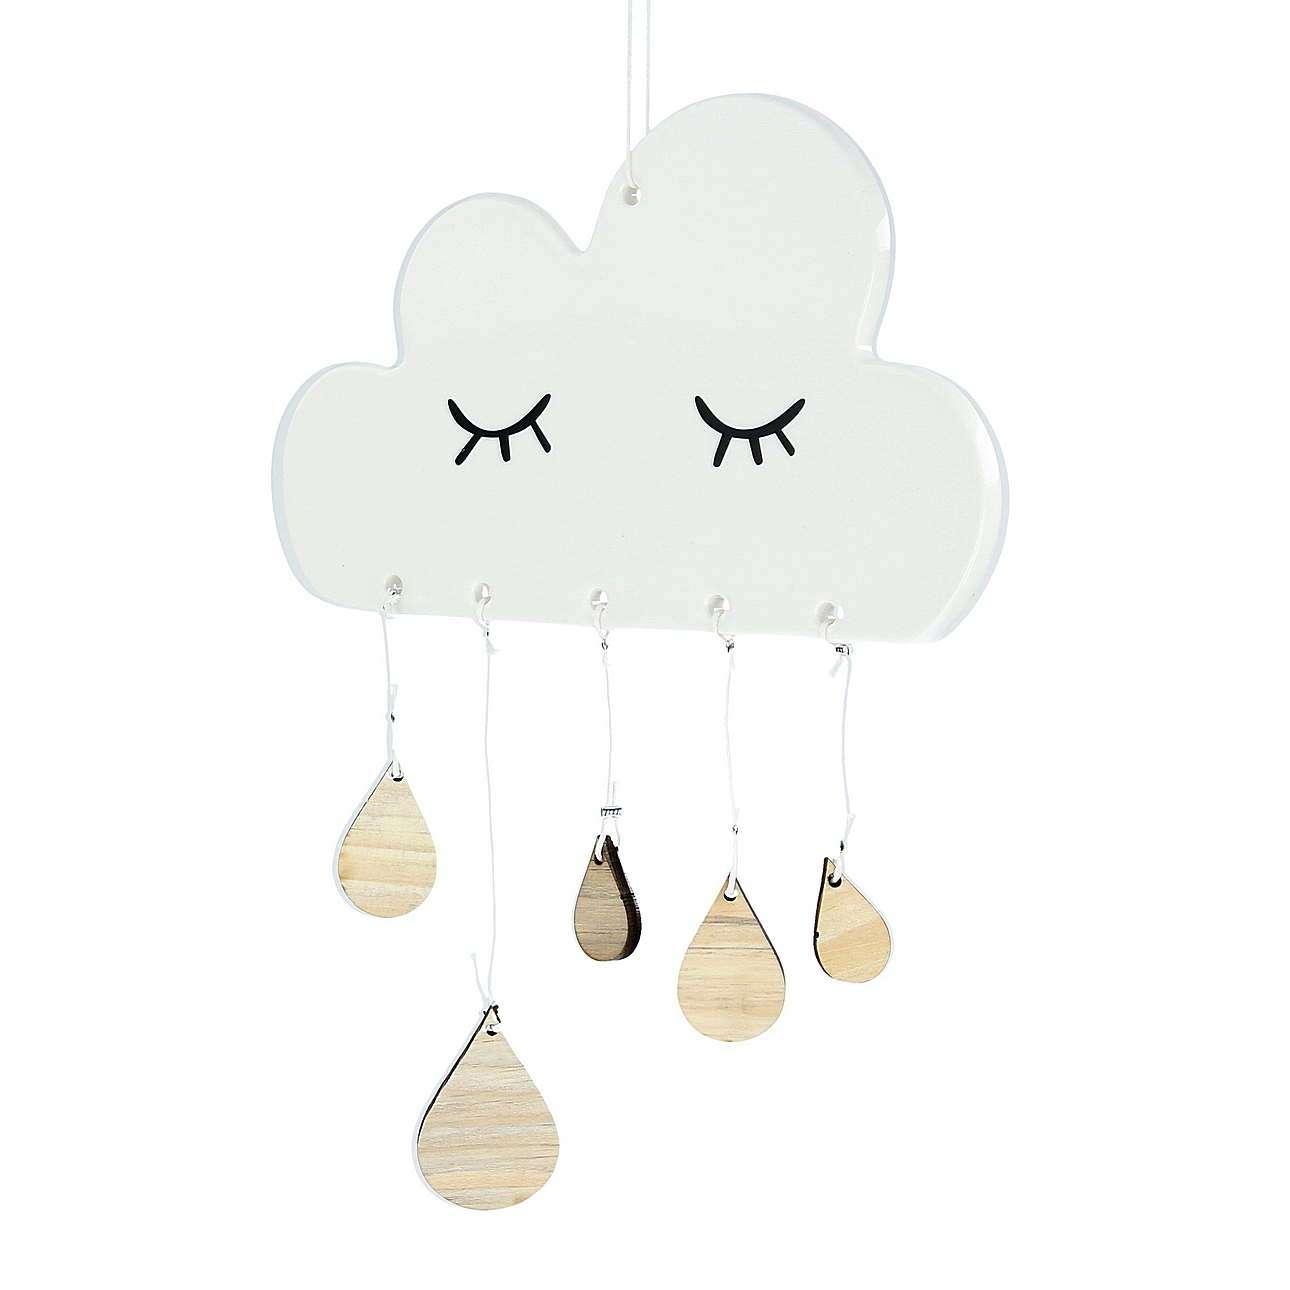 Sleepy Cloud dekoracija